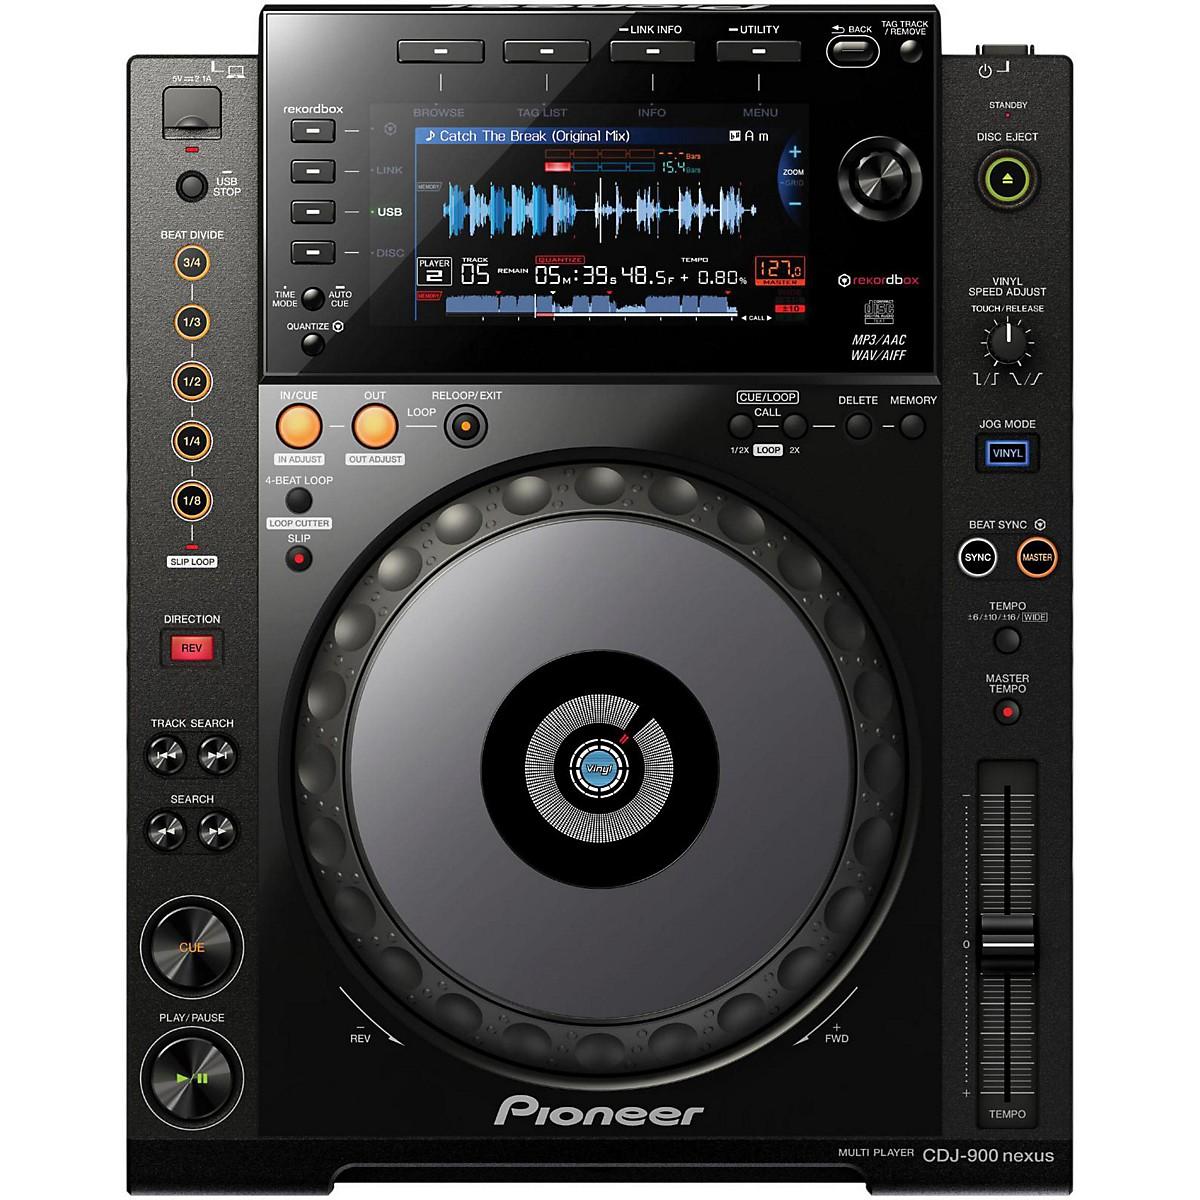 Pioneer CDJ-900 Nexus Performance Tabletop Digital Multi Player